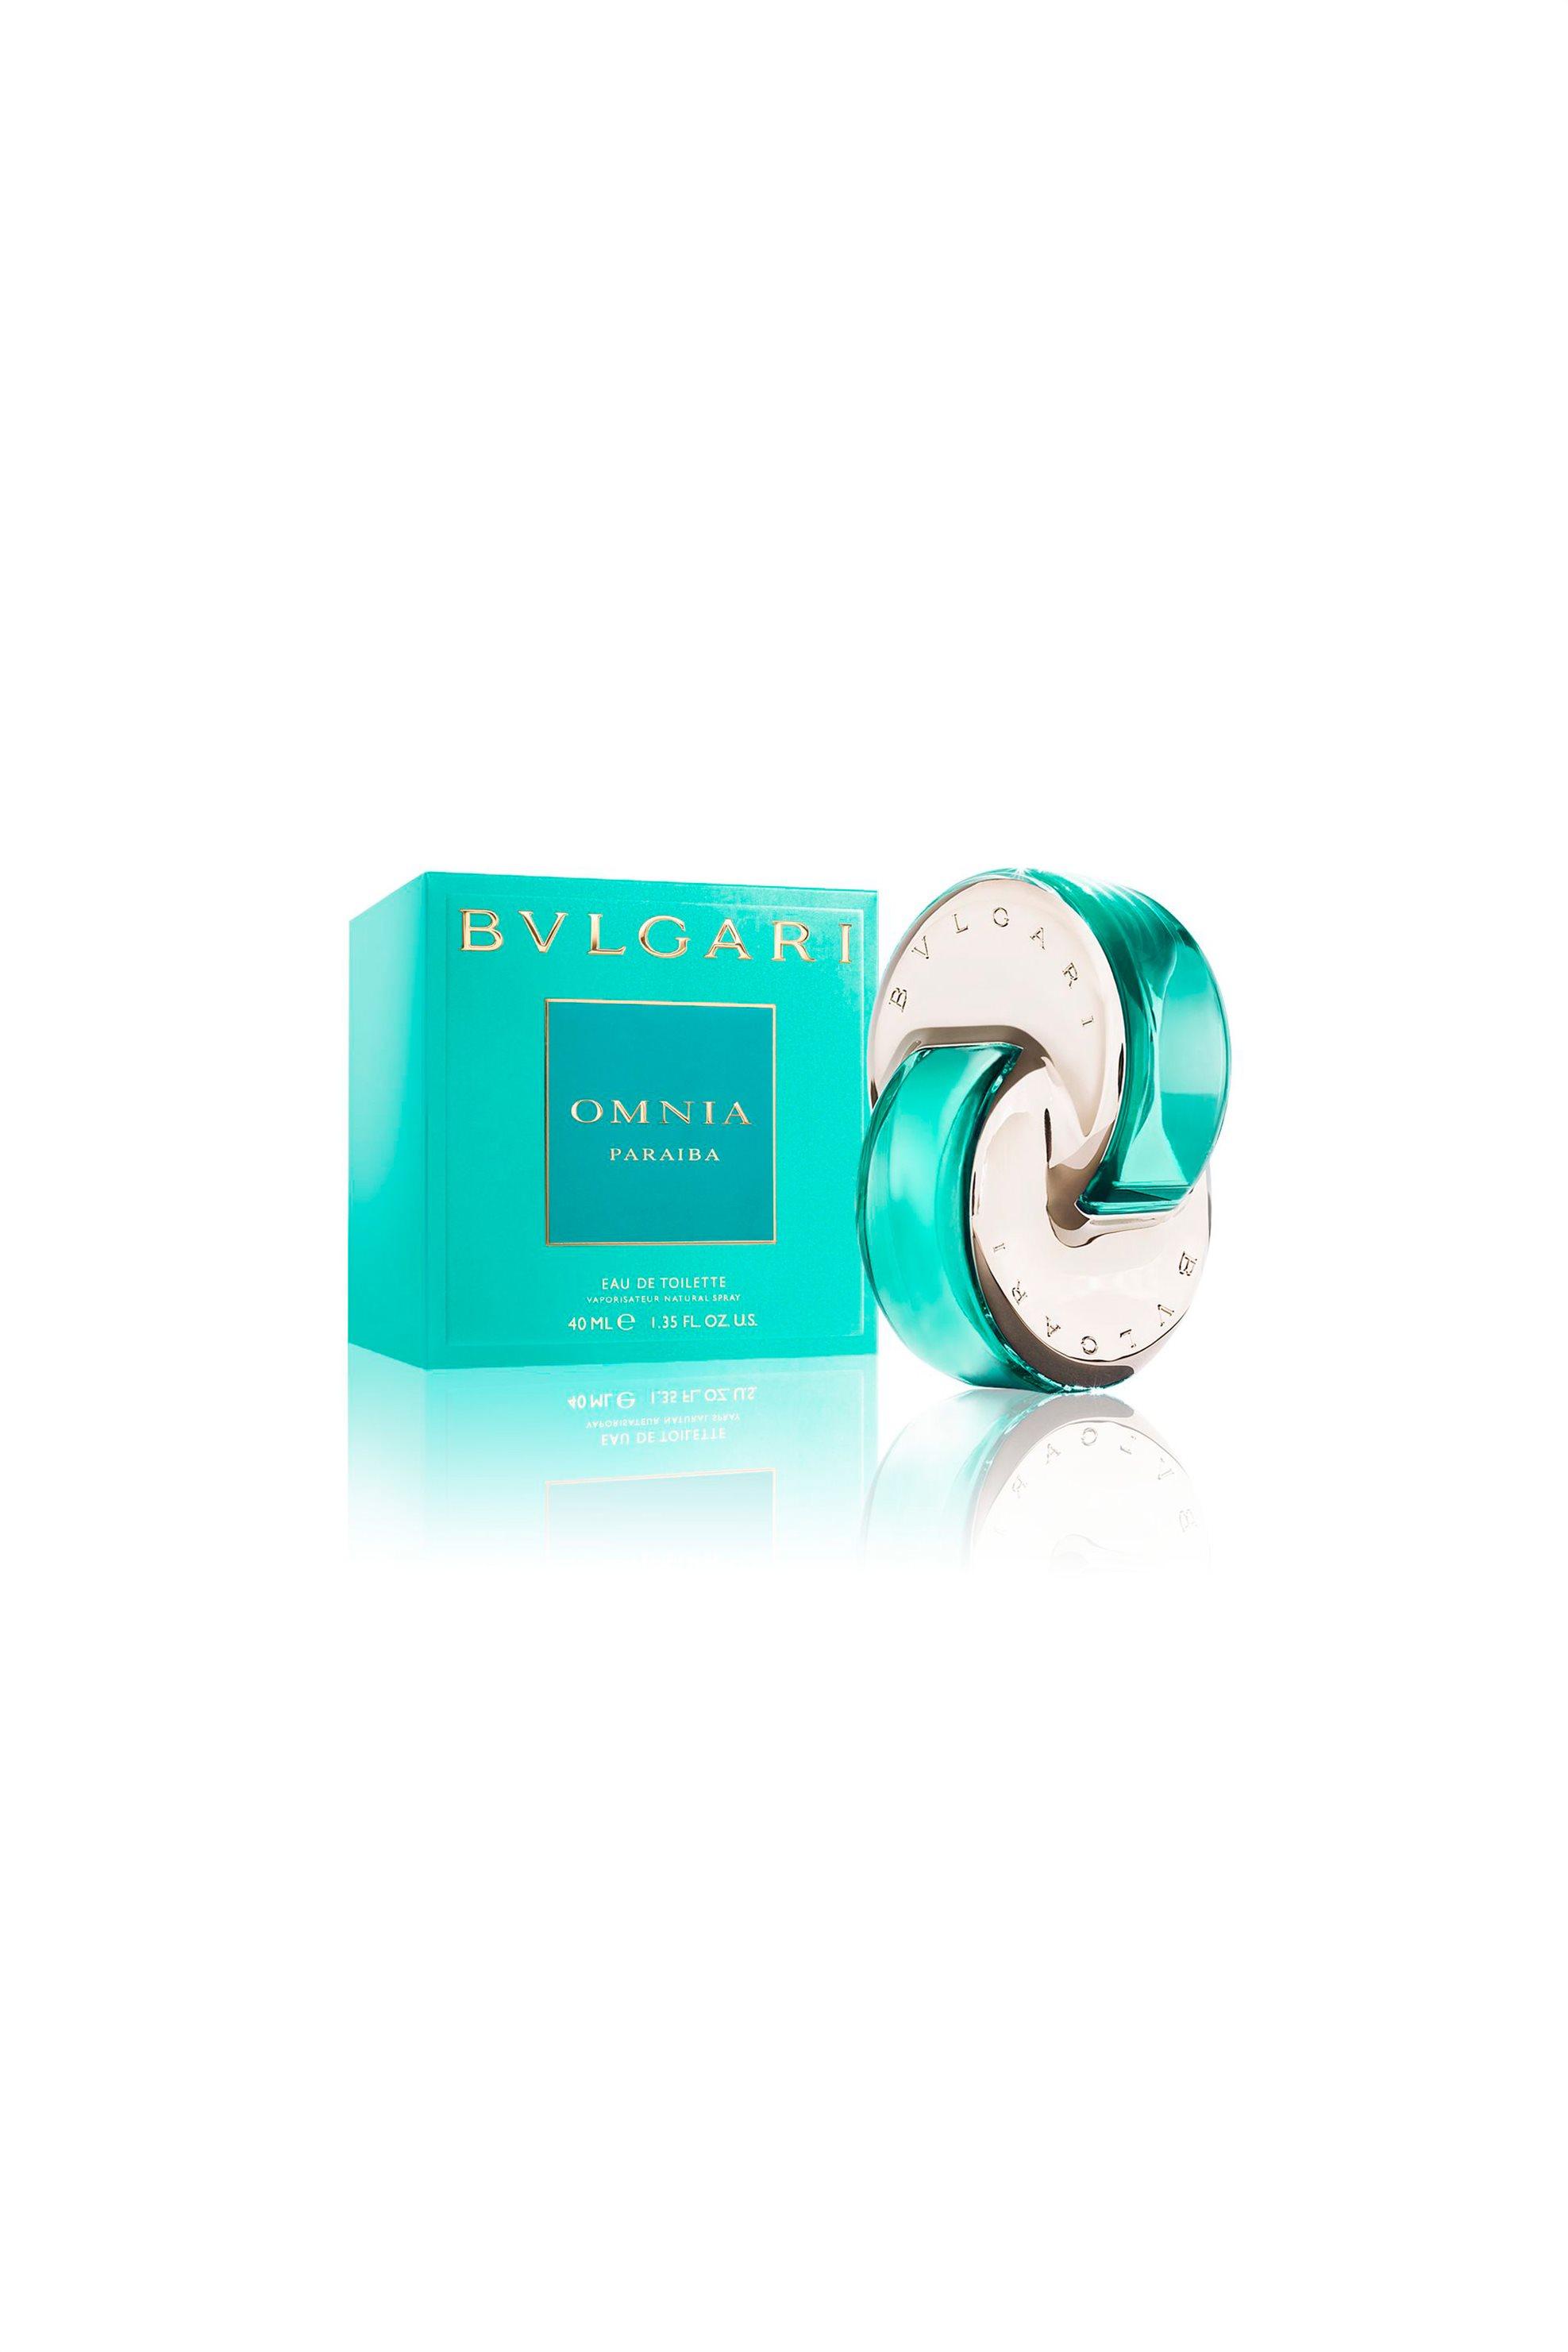 Bvlgari Omnia Paraiba EdT 40 ml - 51210 ομορφια   καλλυντικα επιλεκτικησ   αρώματα   γυναικεία αρώματα   eau de toilette